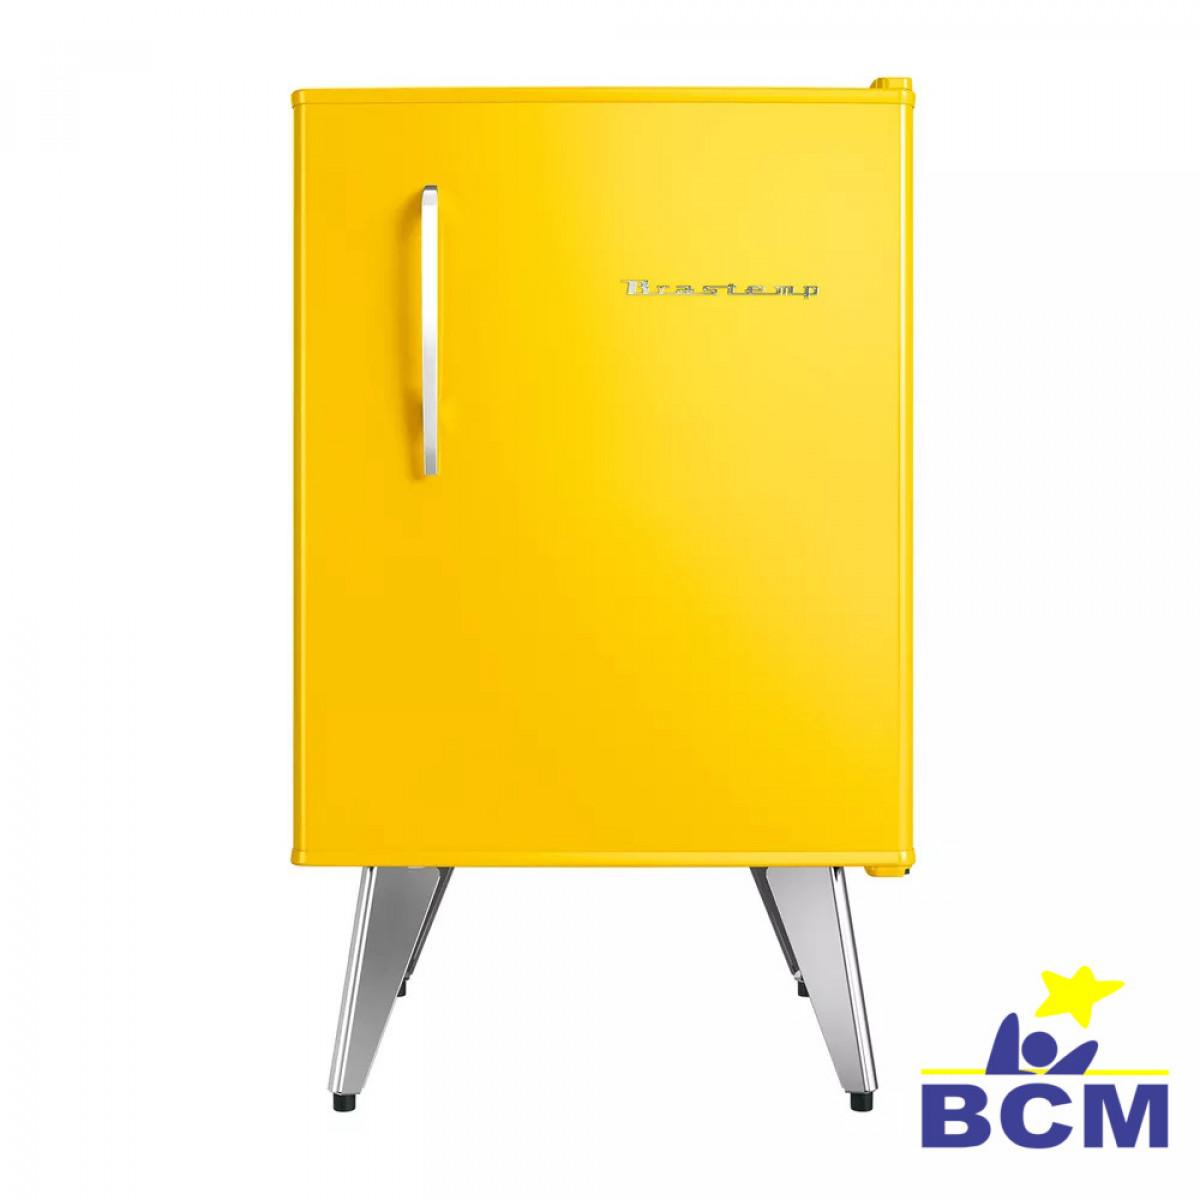 Frigobar Brastemp Retro 76L Amarelo - 110V